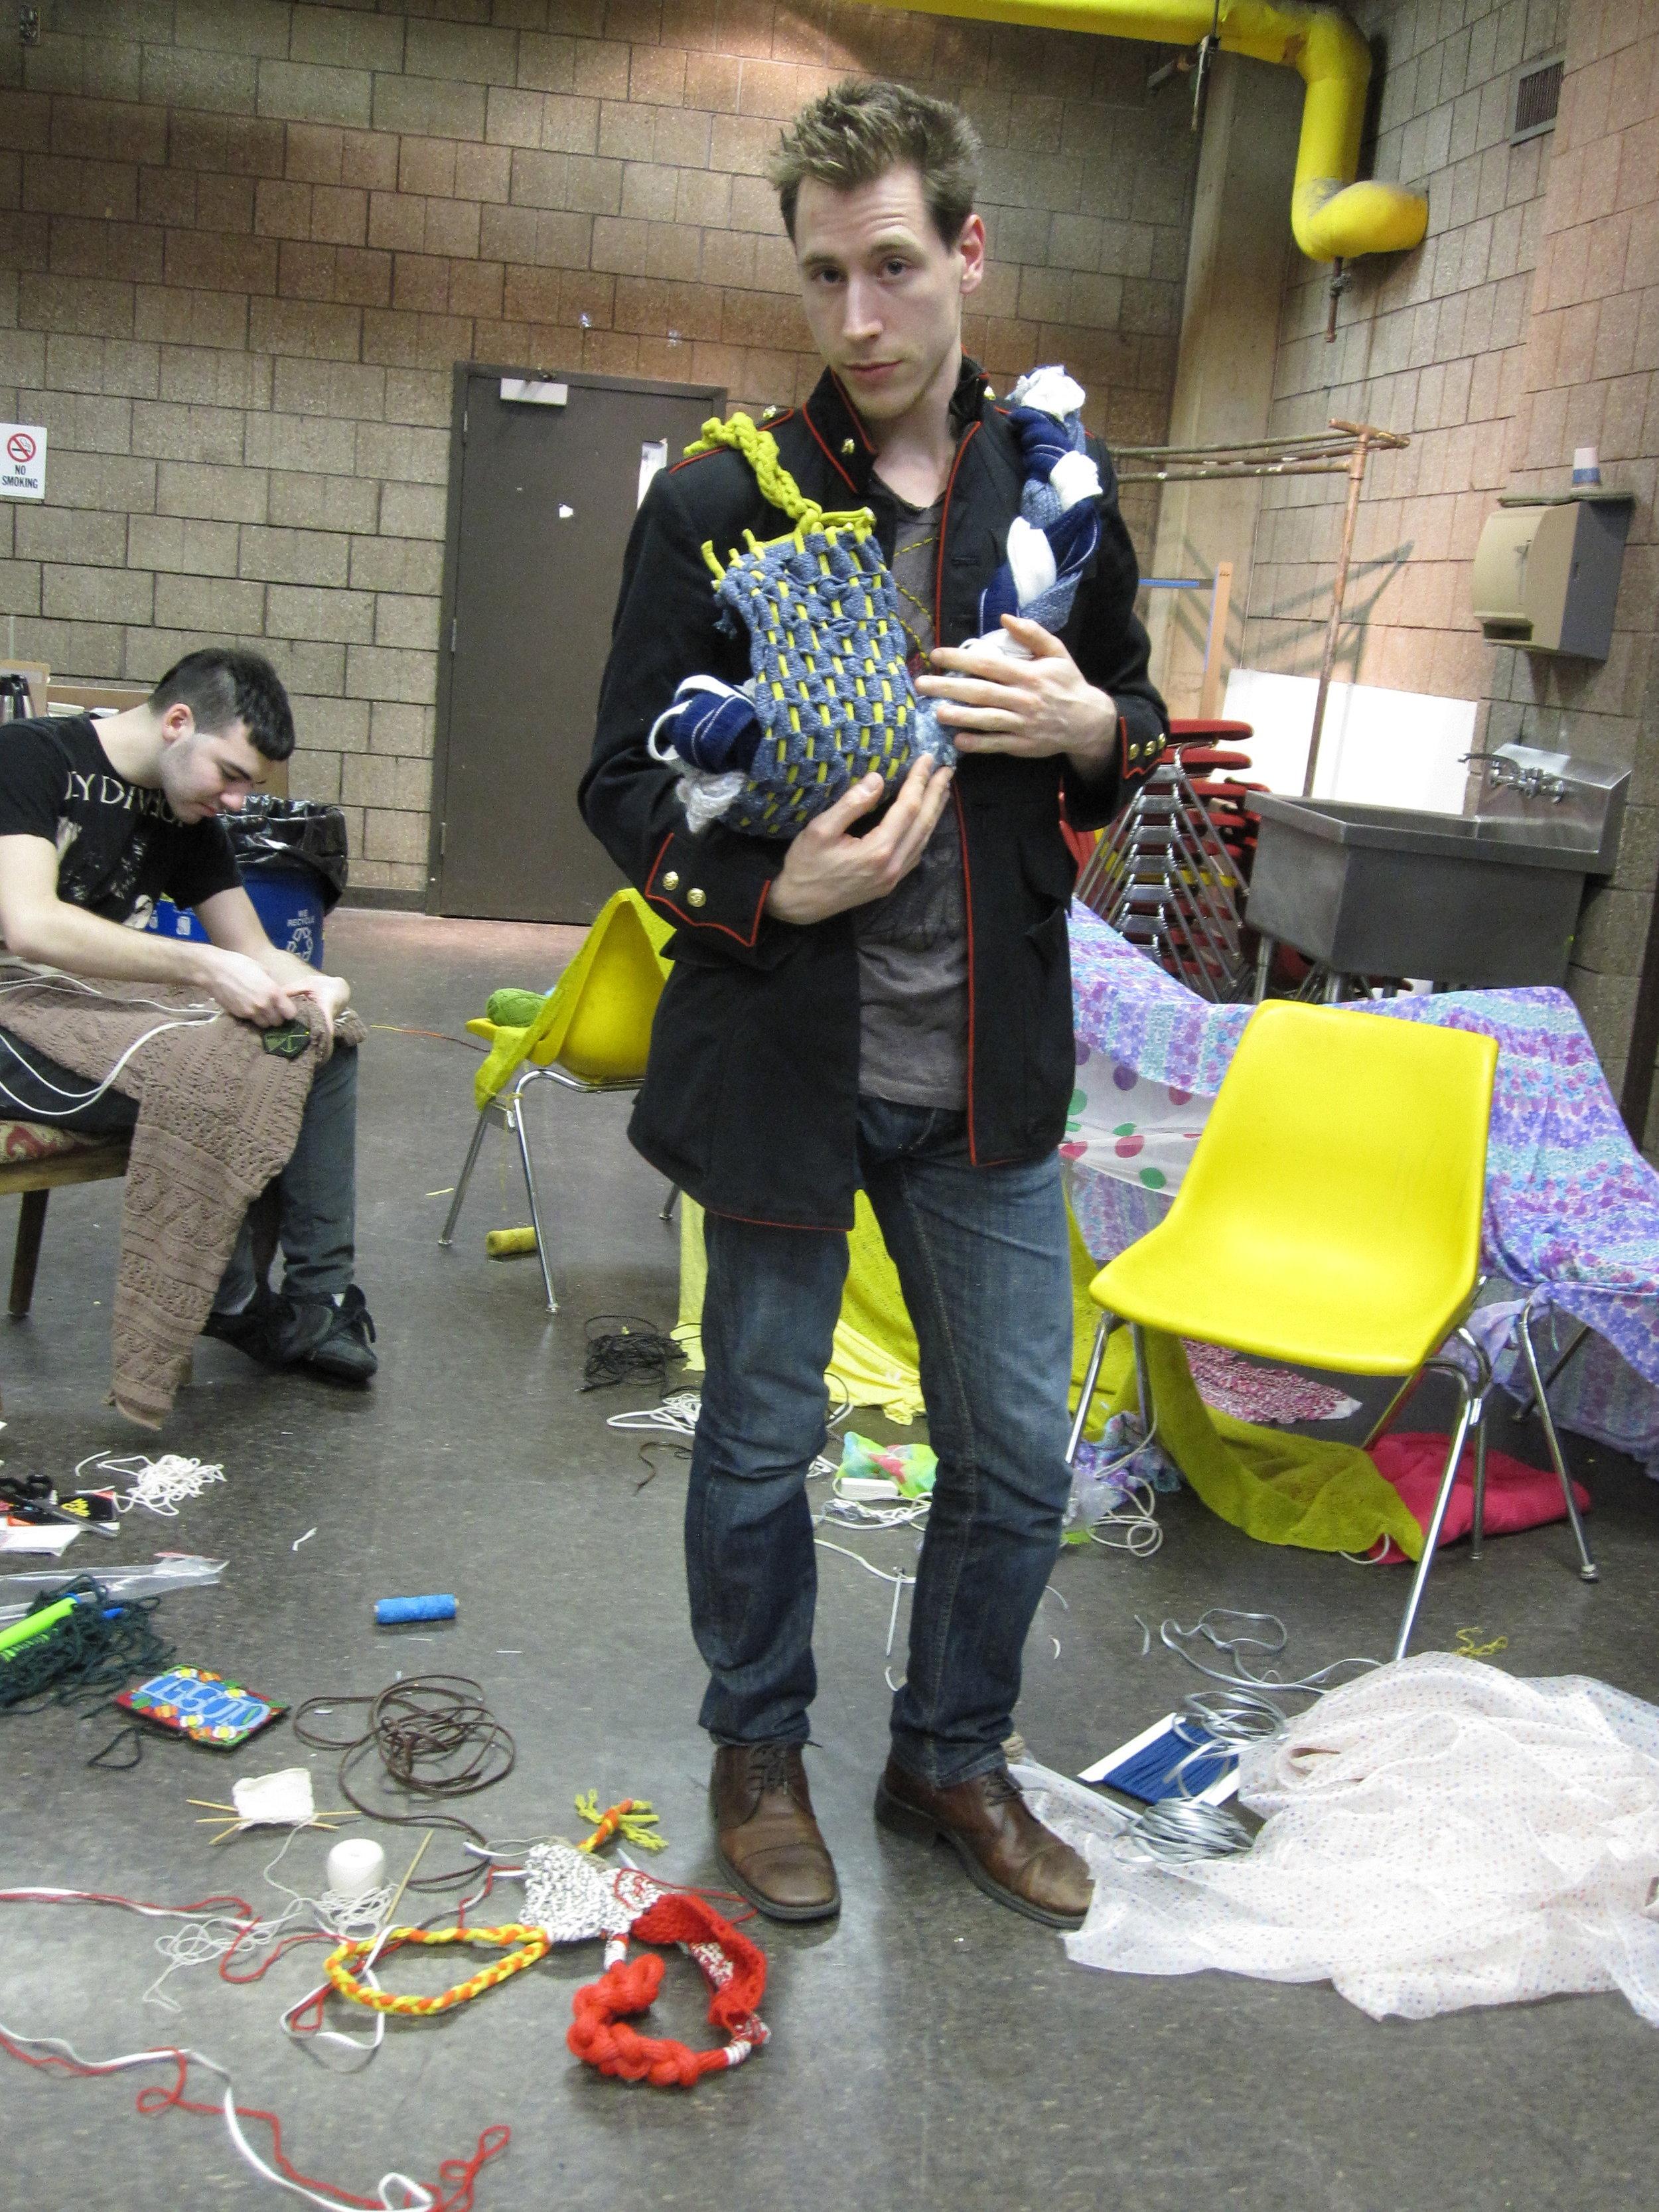 knittingmarathon10_4315209986_o.jpg